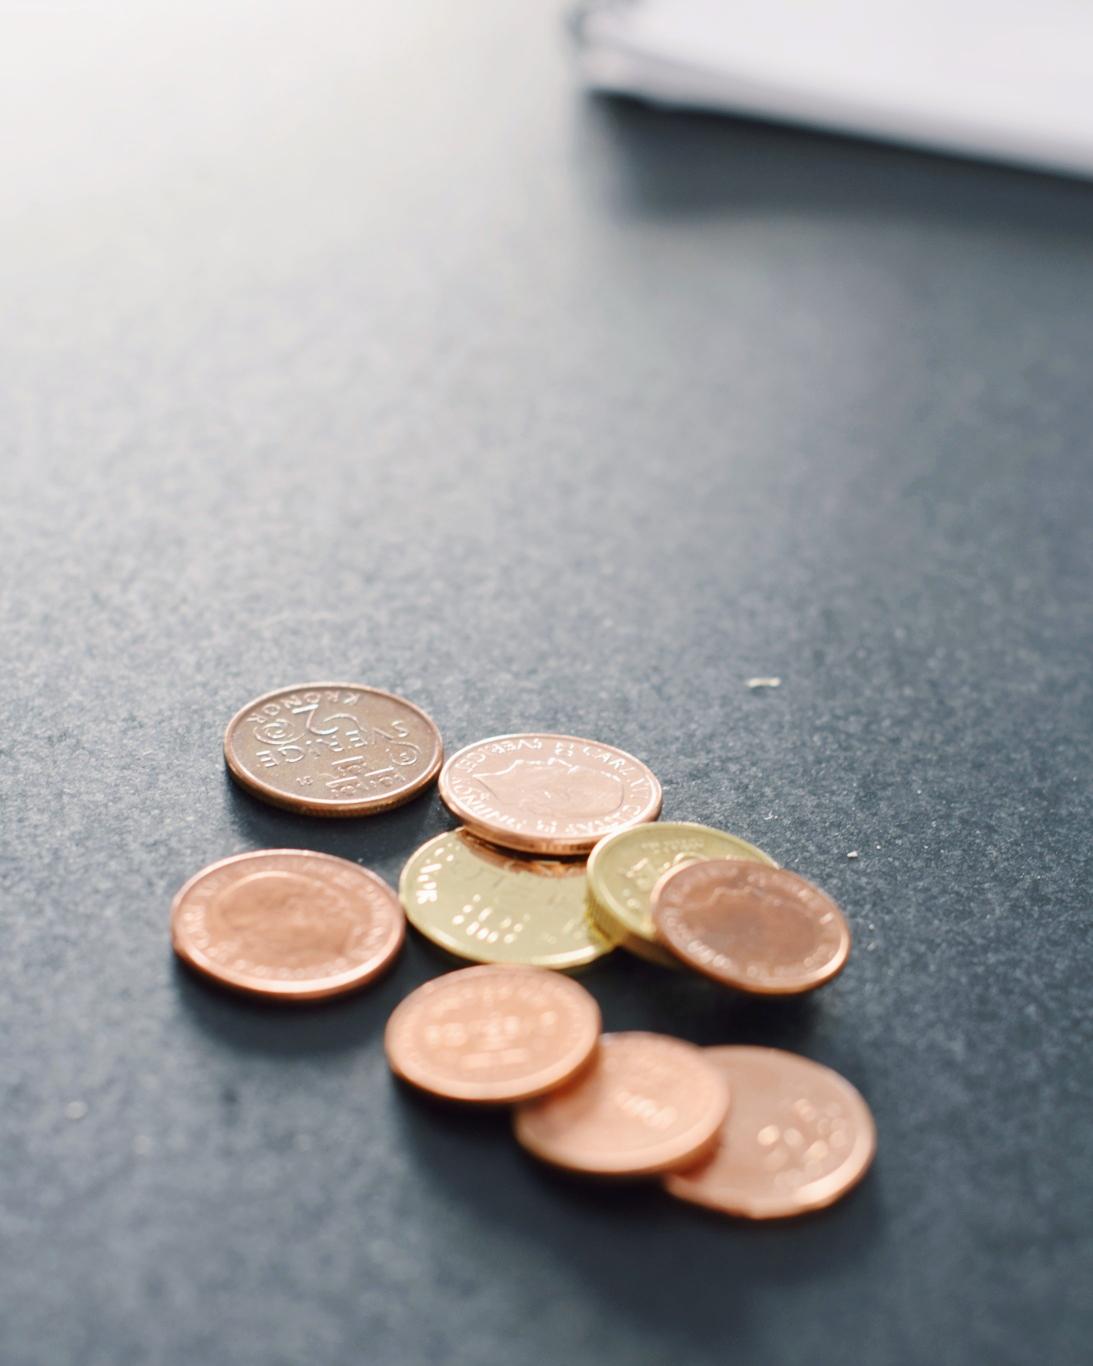 Mynt liggande på ett bord